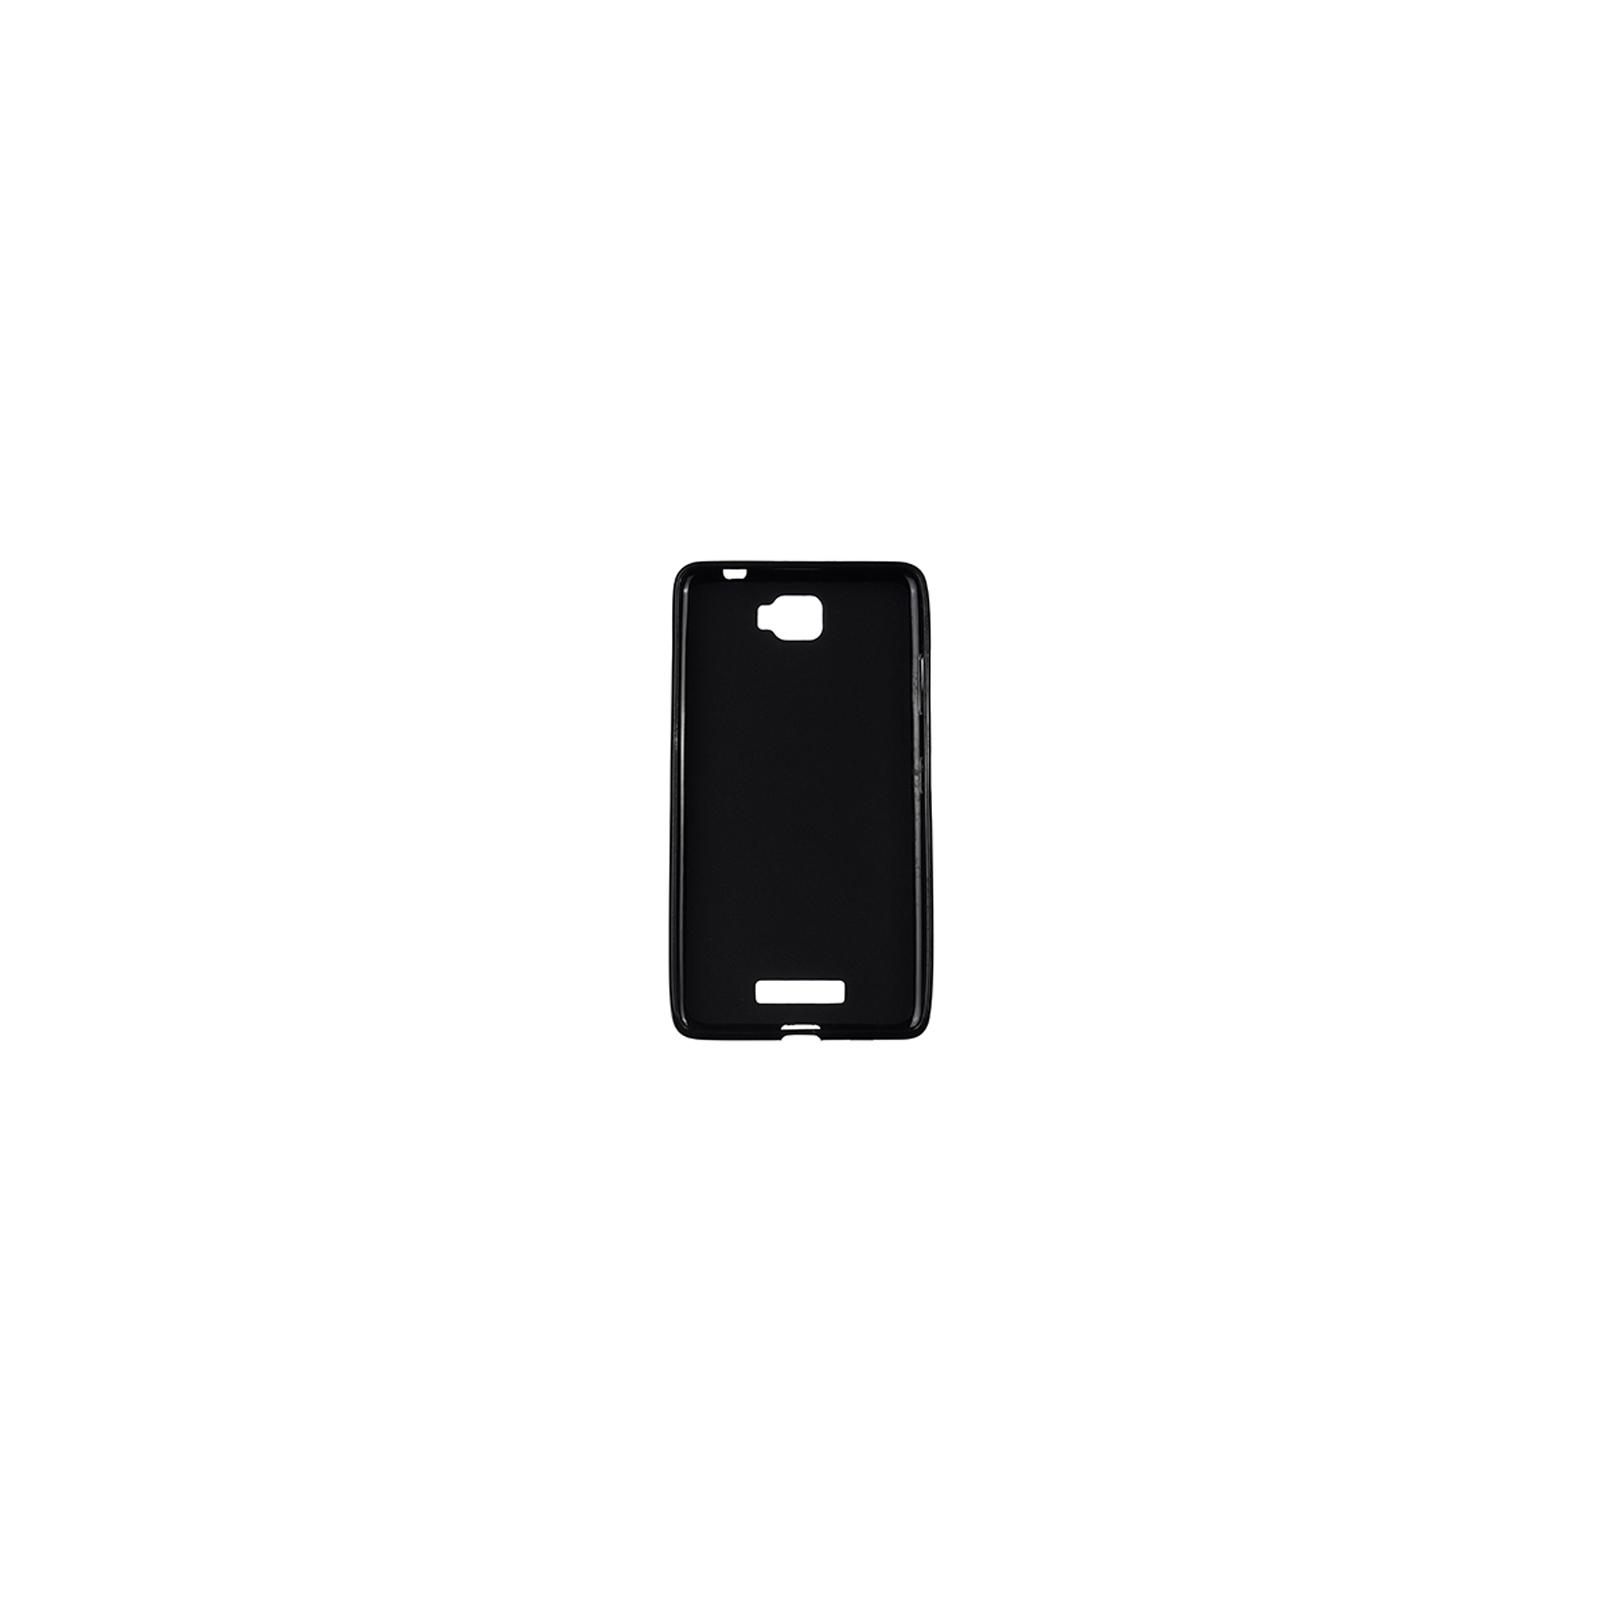 Чехол для моб. телефона Drobak для Lenovo S856 Black /Elastic PU/ (216721) (216721) изображение 2